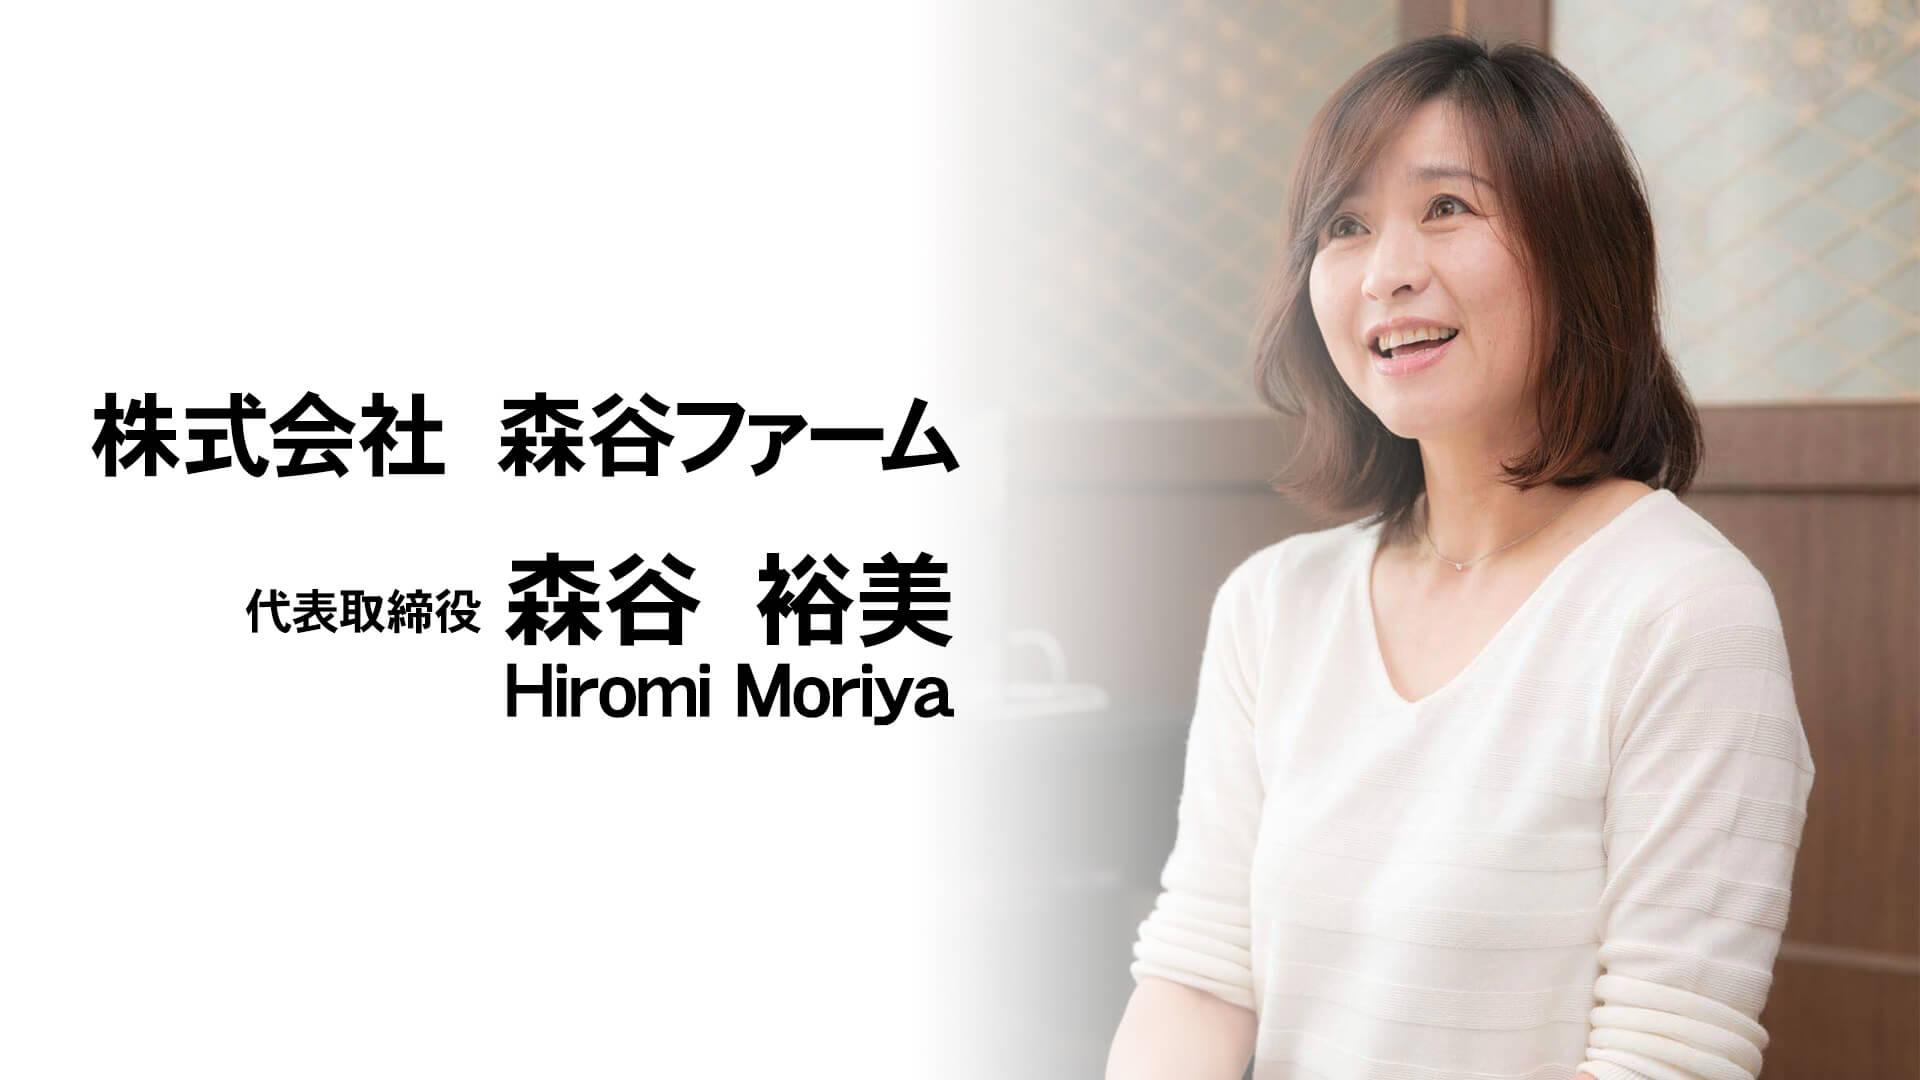 農業生産法人 株式会社森谷ファーム 代表取締役 森谷裕美